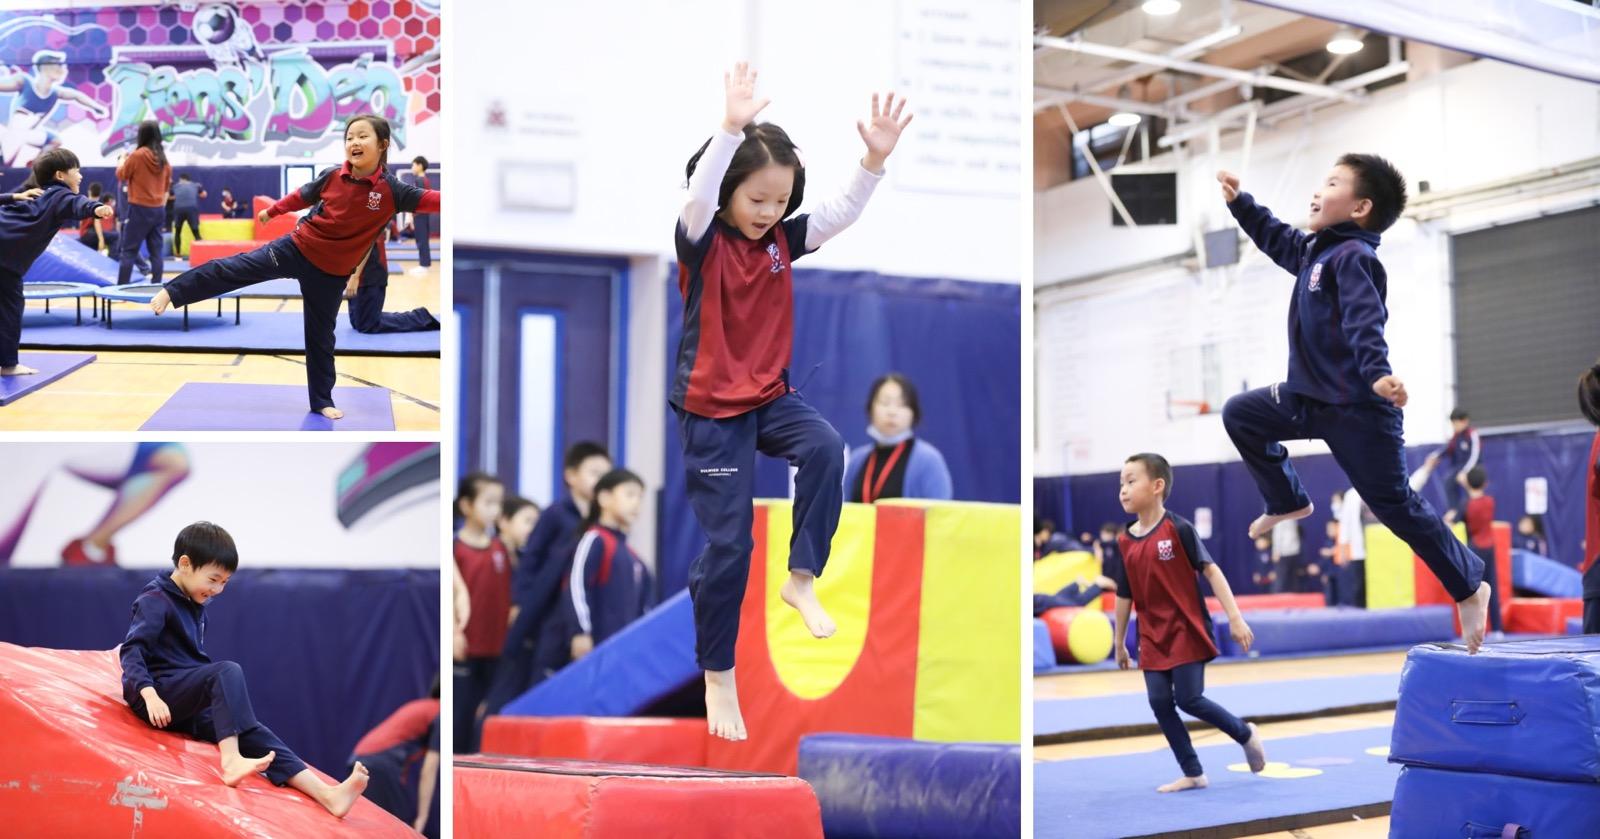 Early Years - Teddy Bear Gym 2020